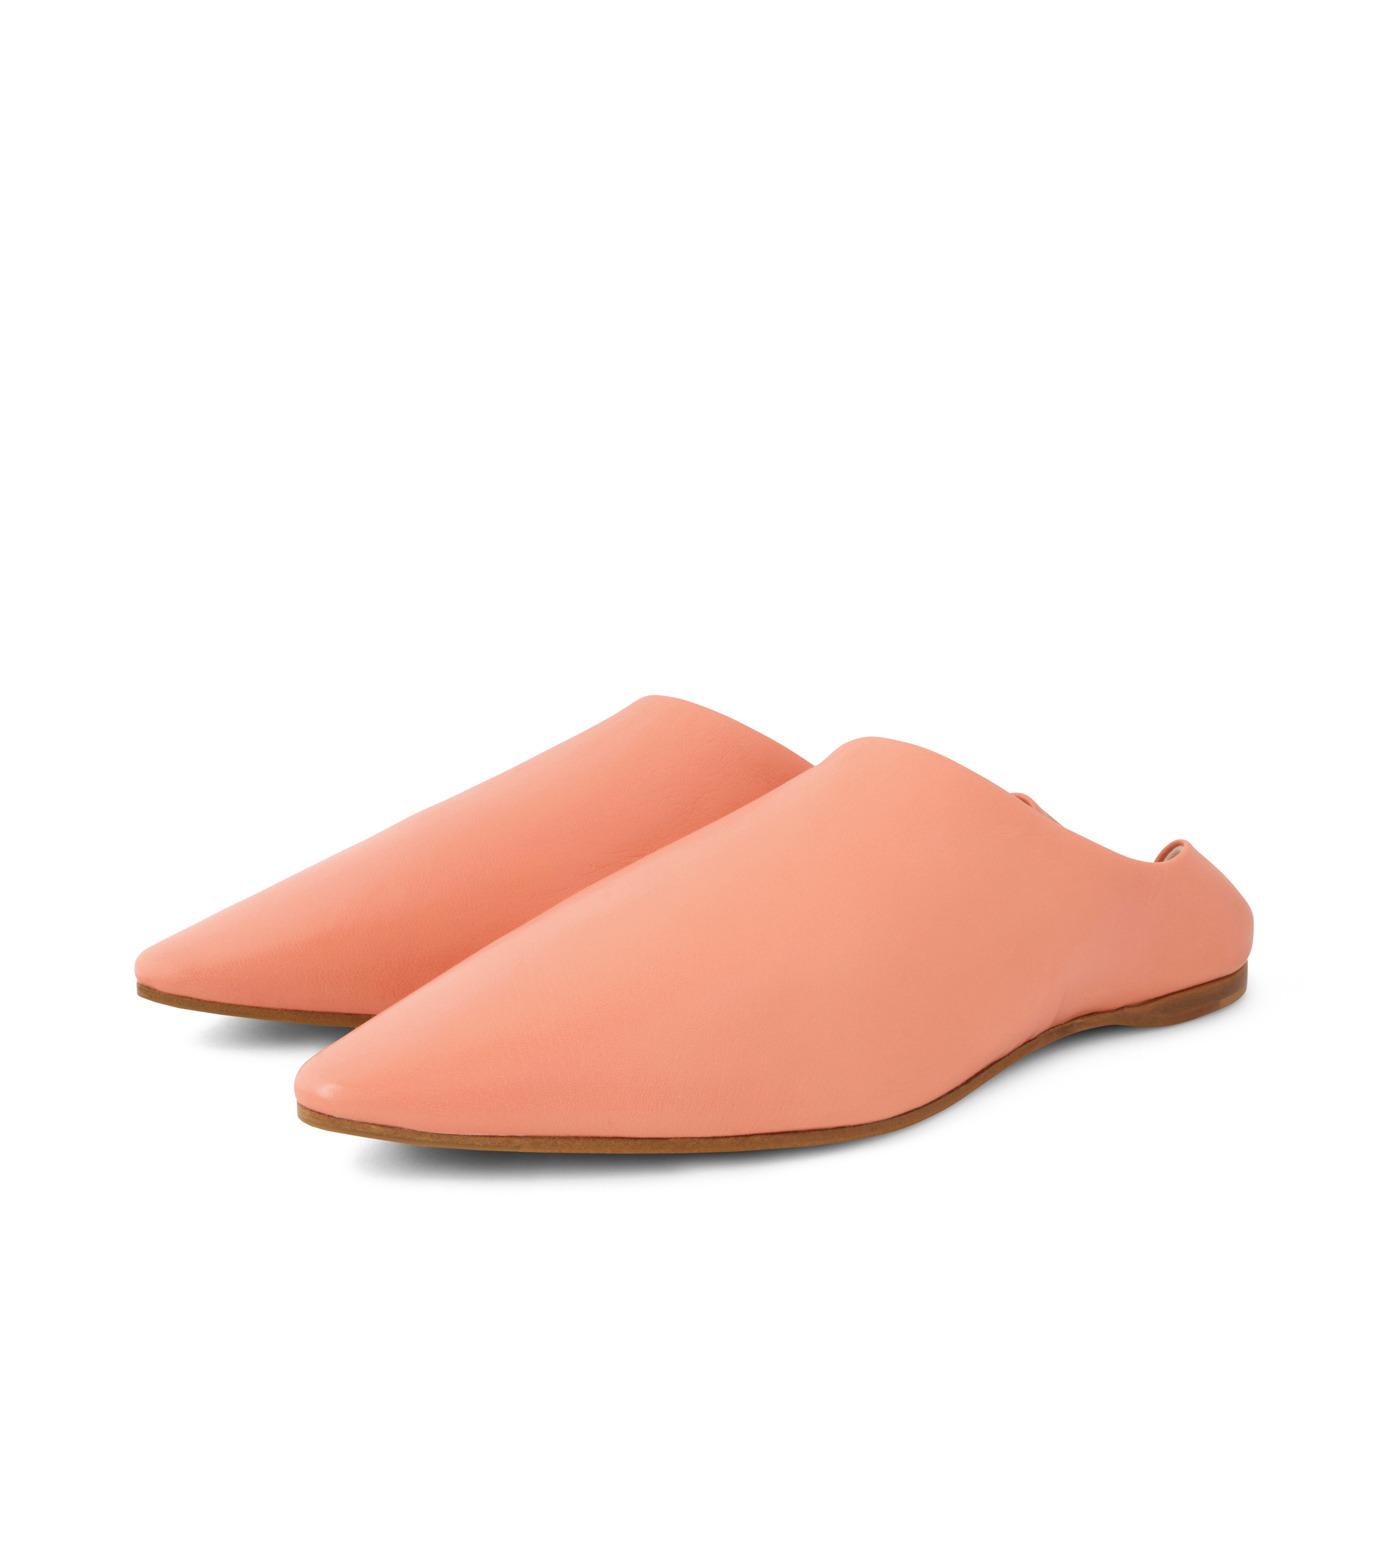 ACNE STUDIOS(アクネ ストゥディオズ)のSlipper Nappa-PINK(フラットシューズ/Flat shoes)-1EGC64-72 拡大詳細画像4